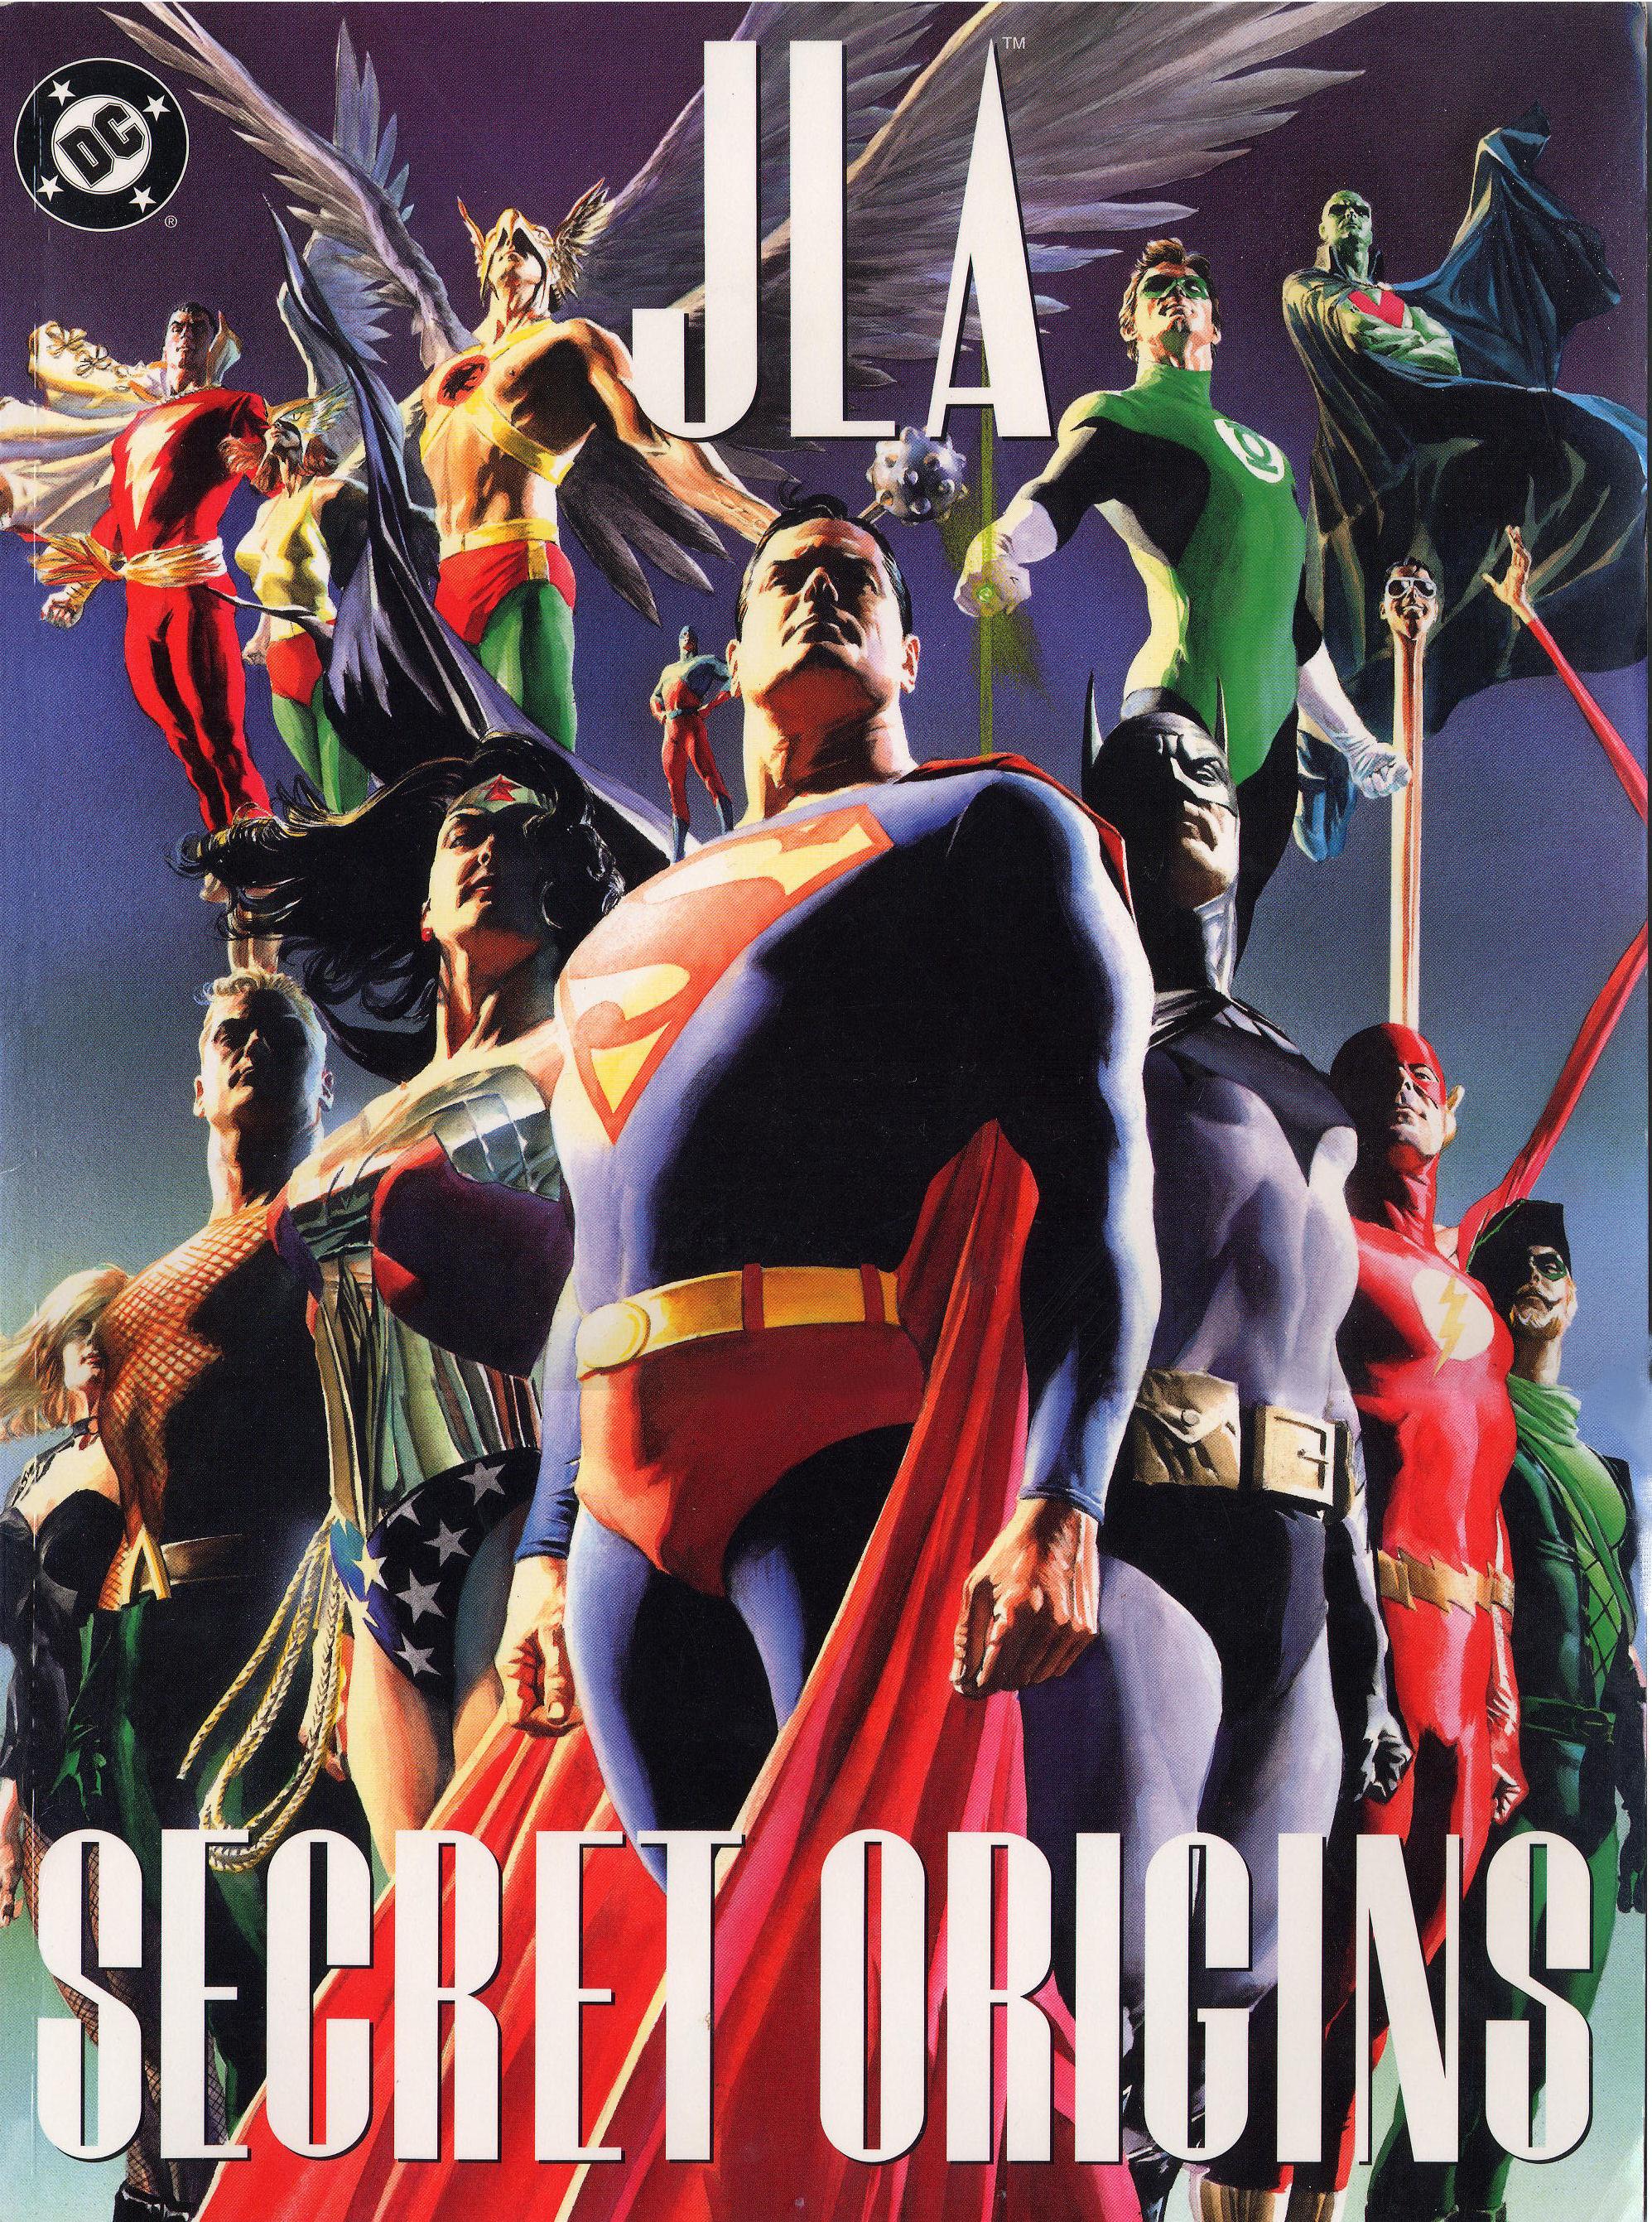 JLA: Secret Origins (2002) #1, cover by Alex Ross.